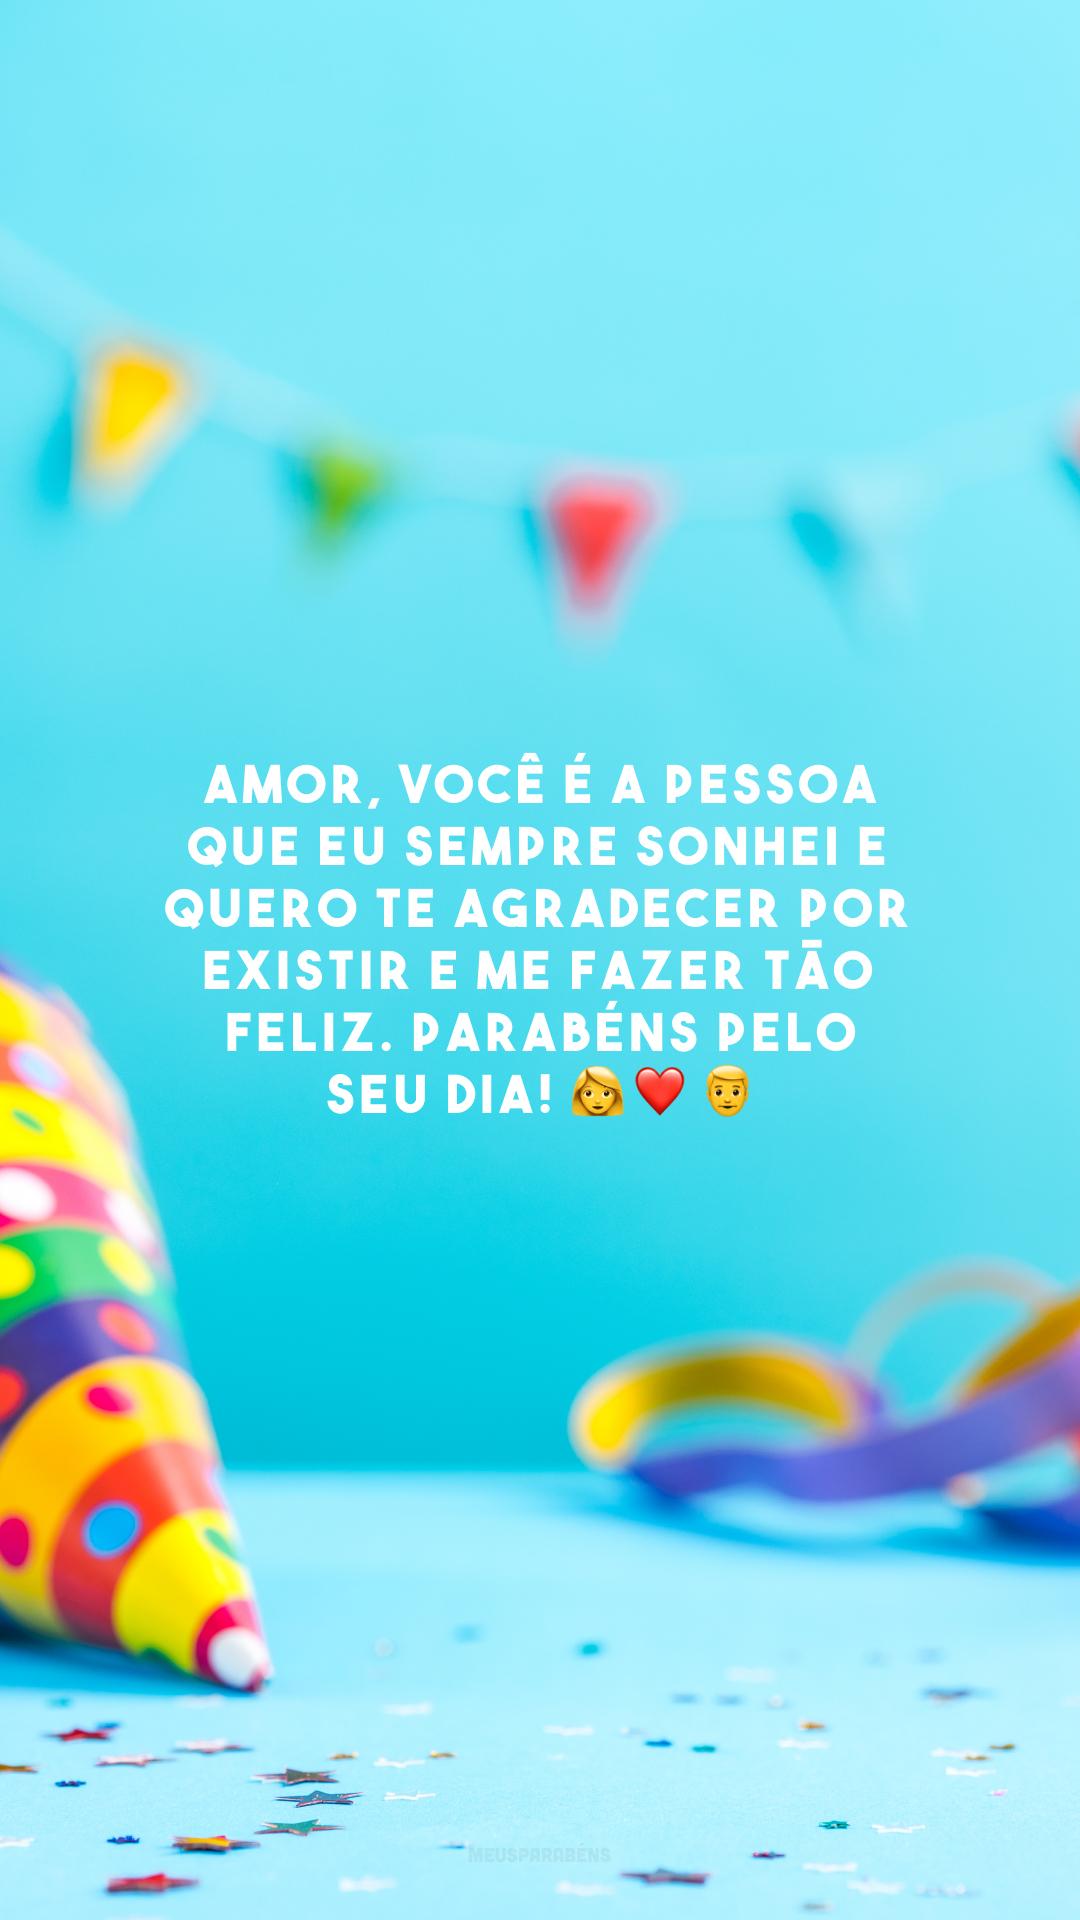 Amor, você é a pessoa que eu sempre sonhei e quero te agradecer por existir e me fazer tão feliz. Parabéns pelo seu dia! 👩❤️👨